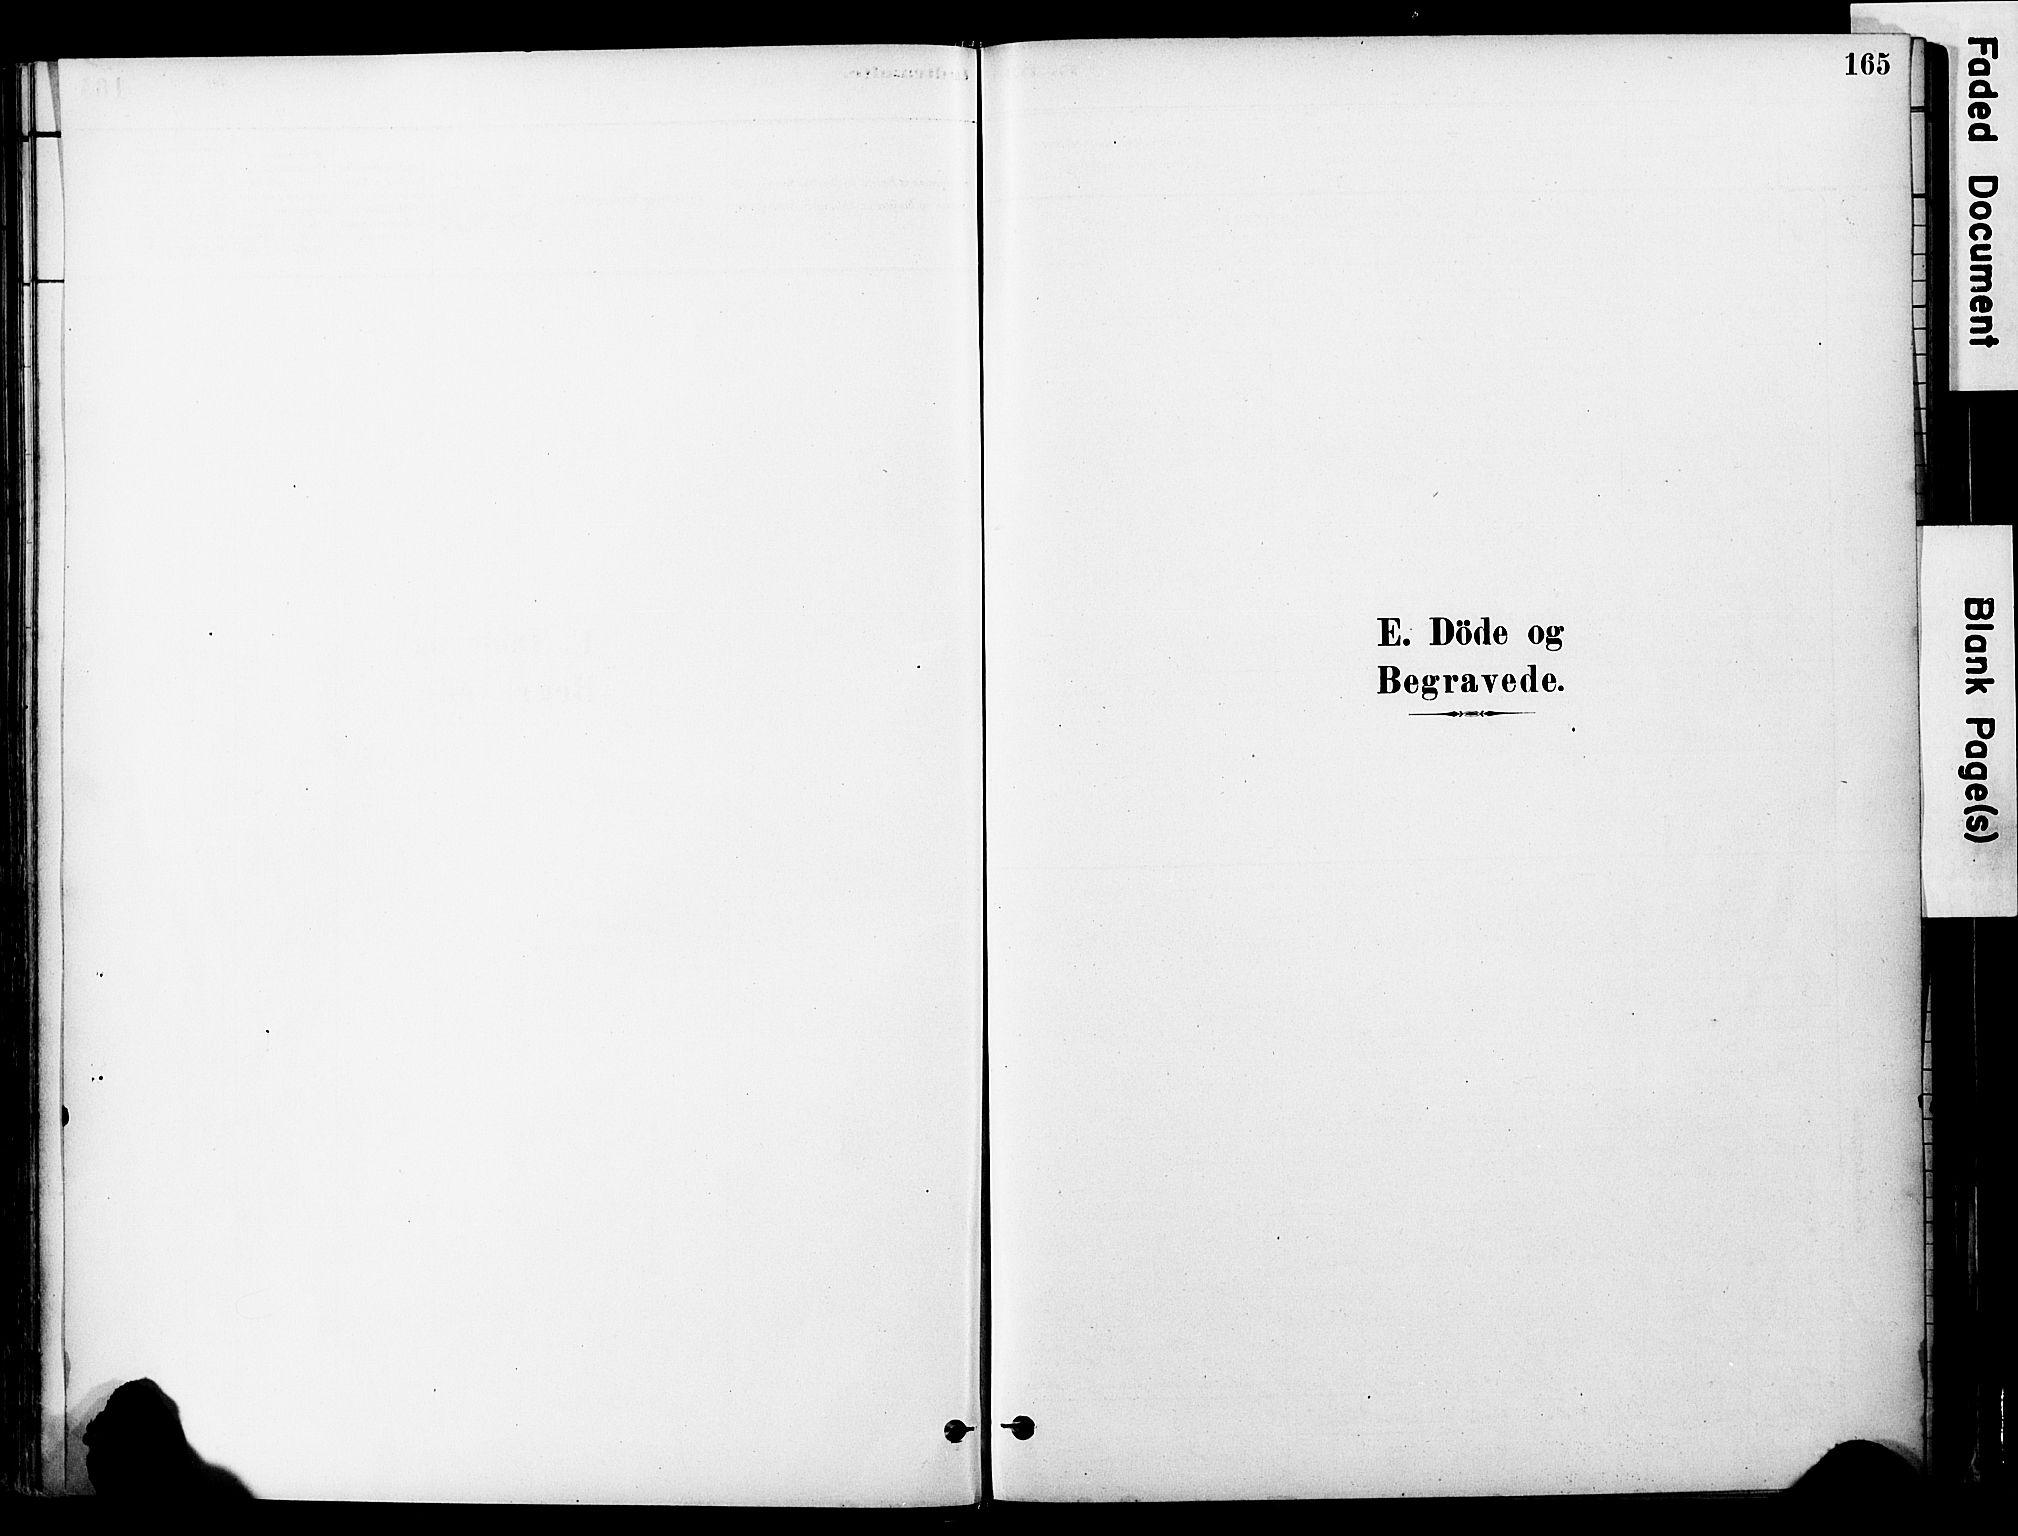 SAT, Ministerialprotokoller, klokkerbøker og fødselsregistre - Sør-Trøndelag, 681/L0933: Ministerialbok nr. 681A11, 1879-1890, s. 165